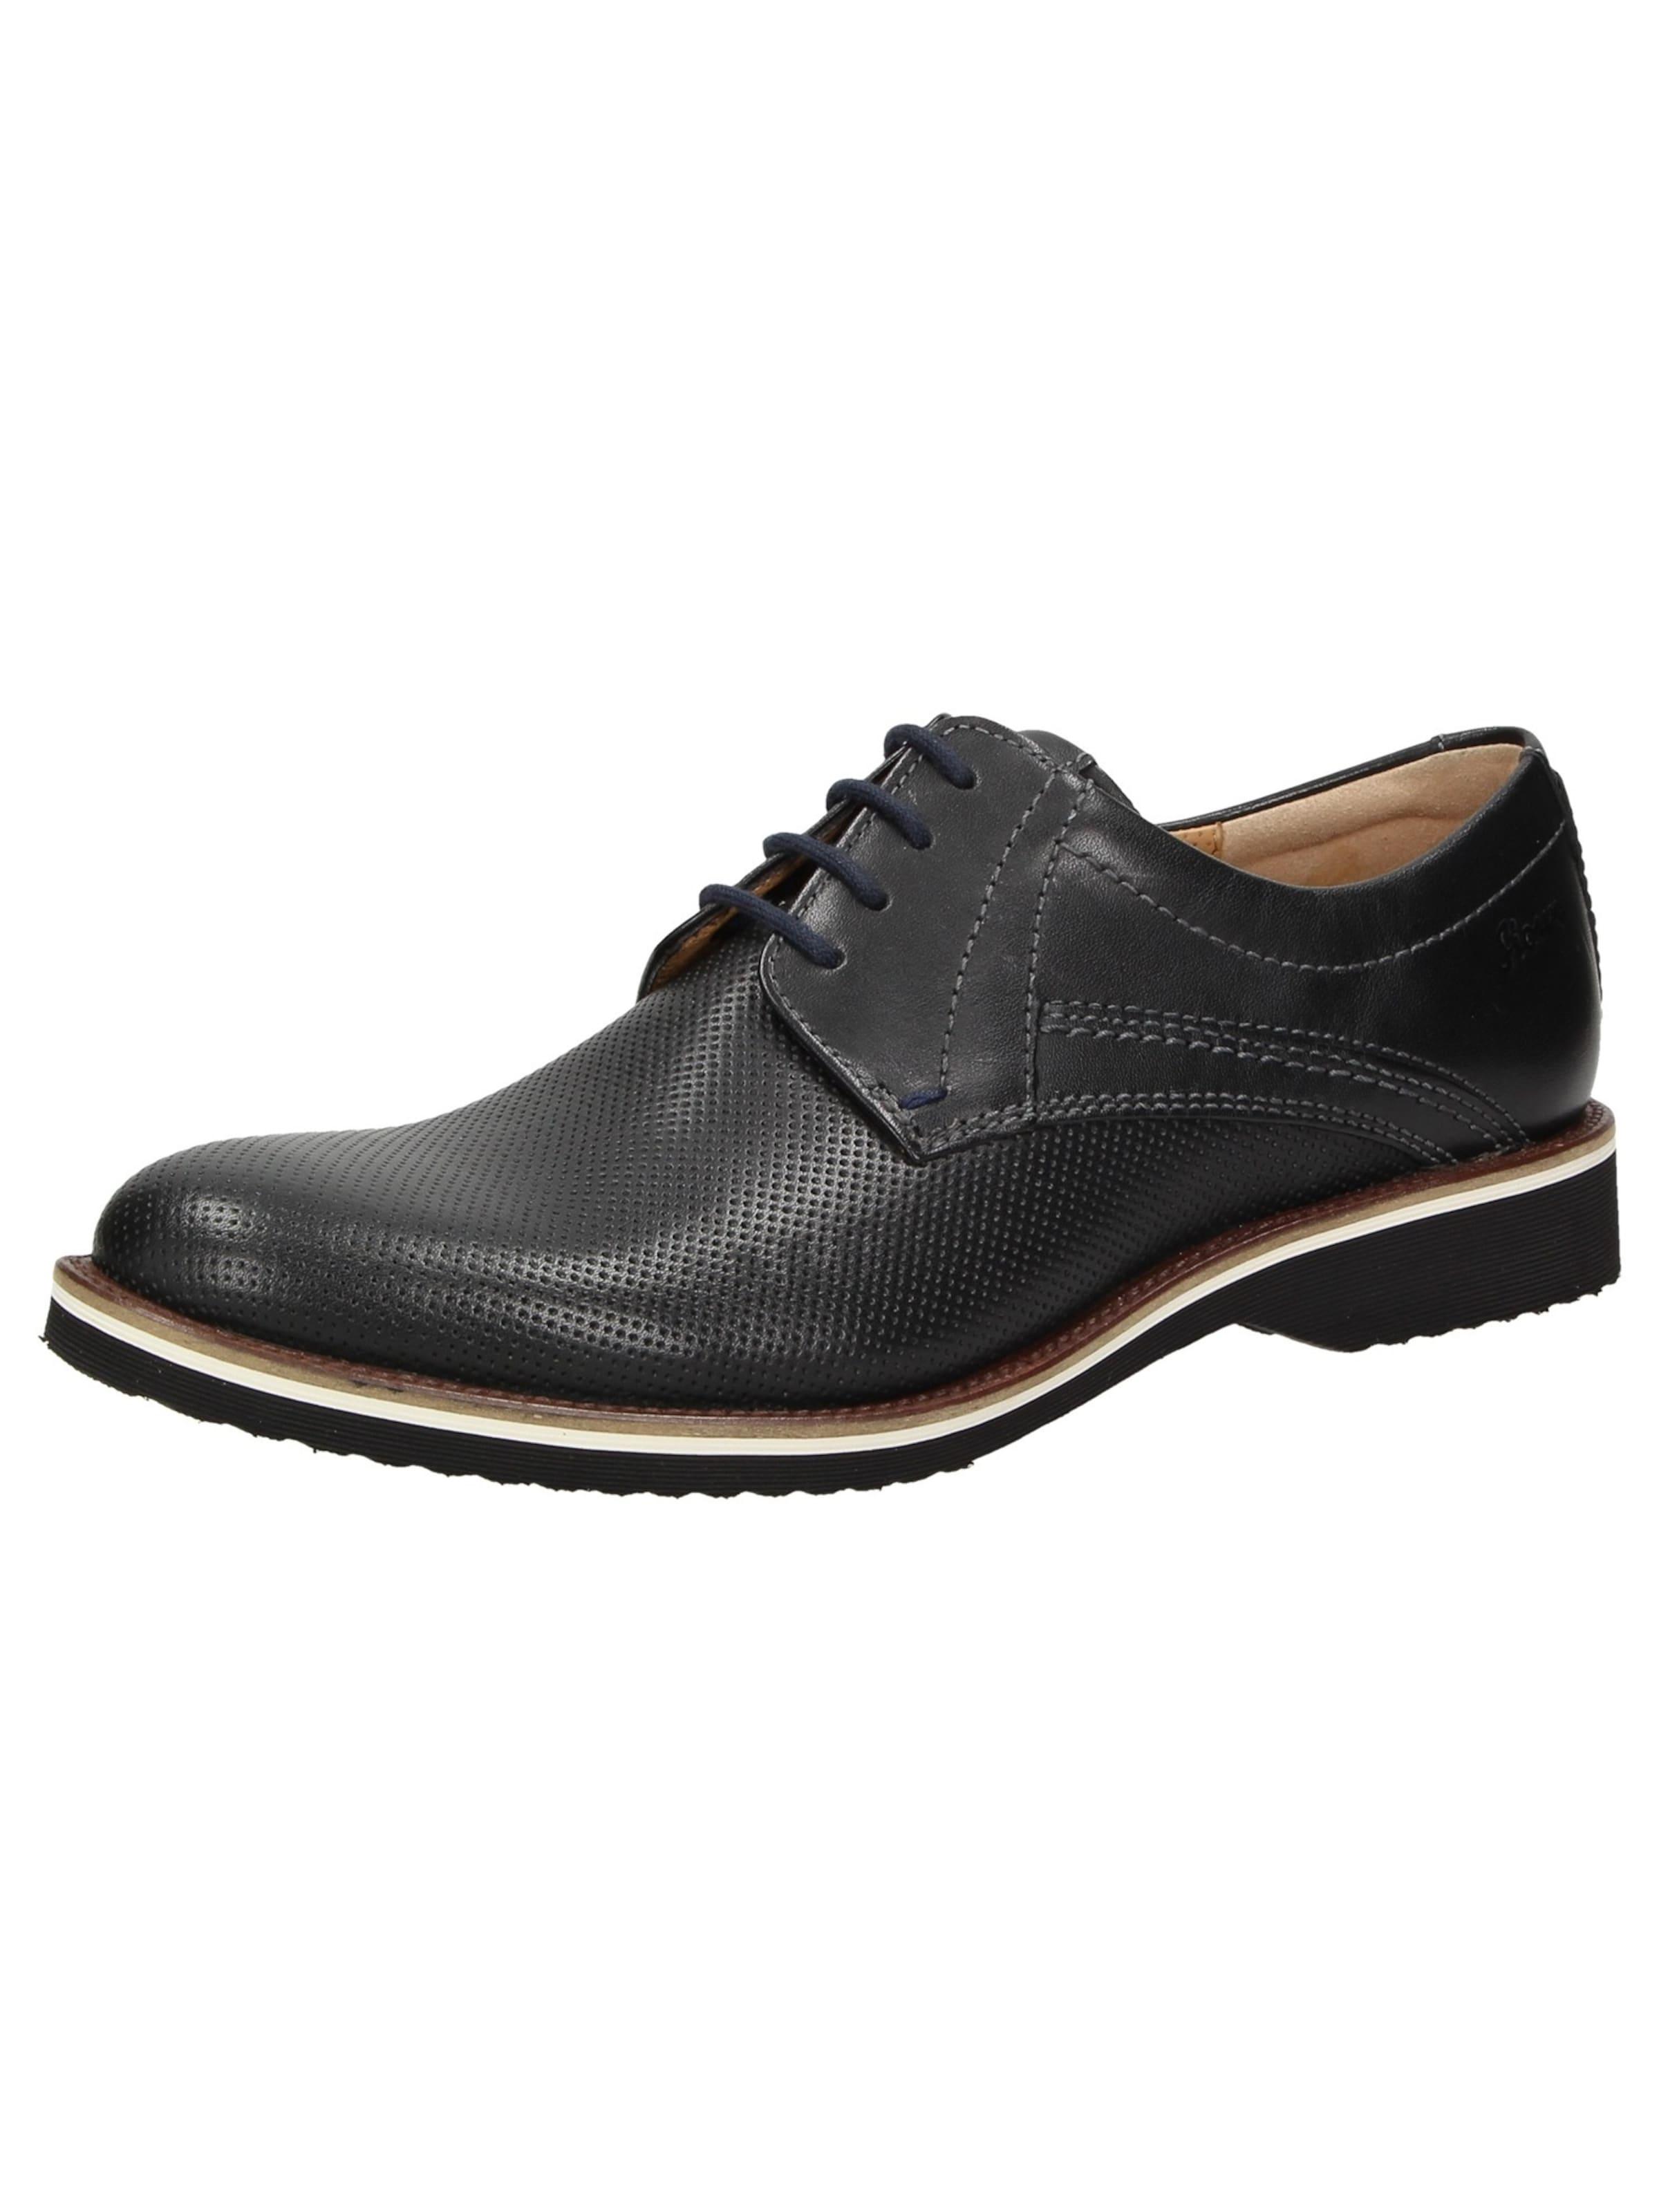 SIOUX Schnürschuh Enario Verschleißfeste billige Schuhe